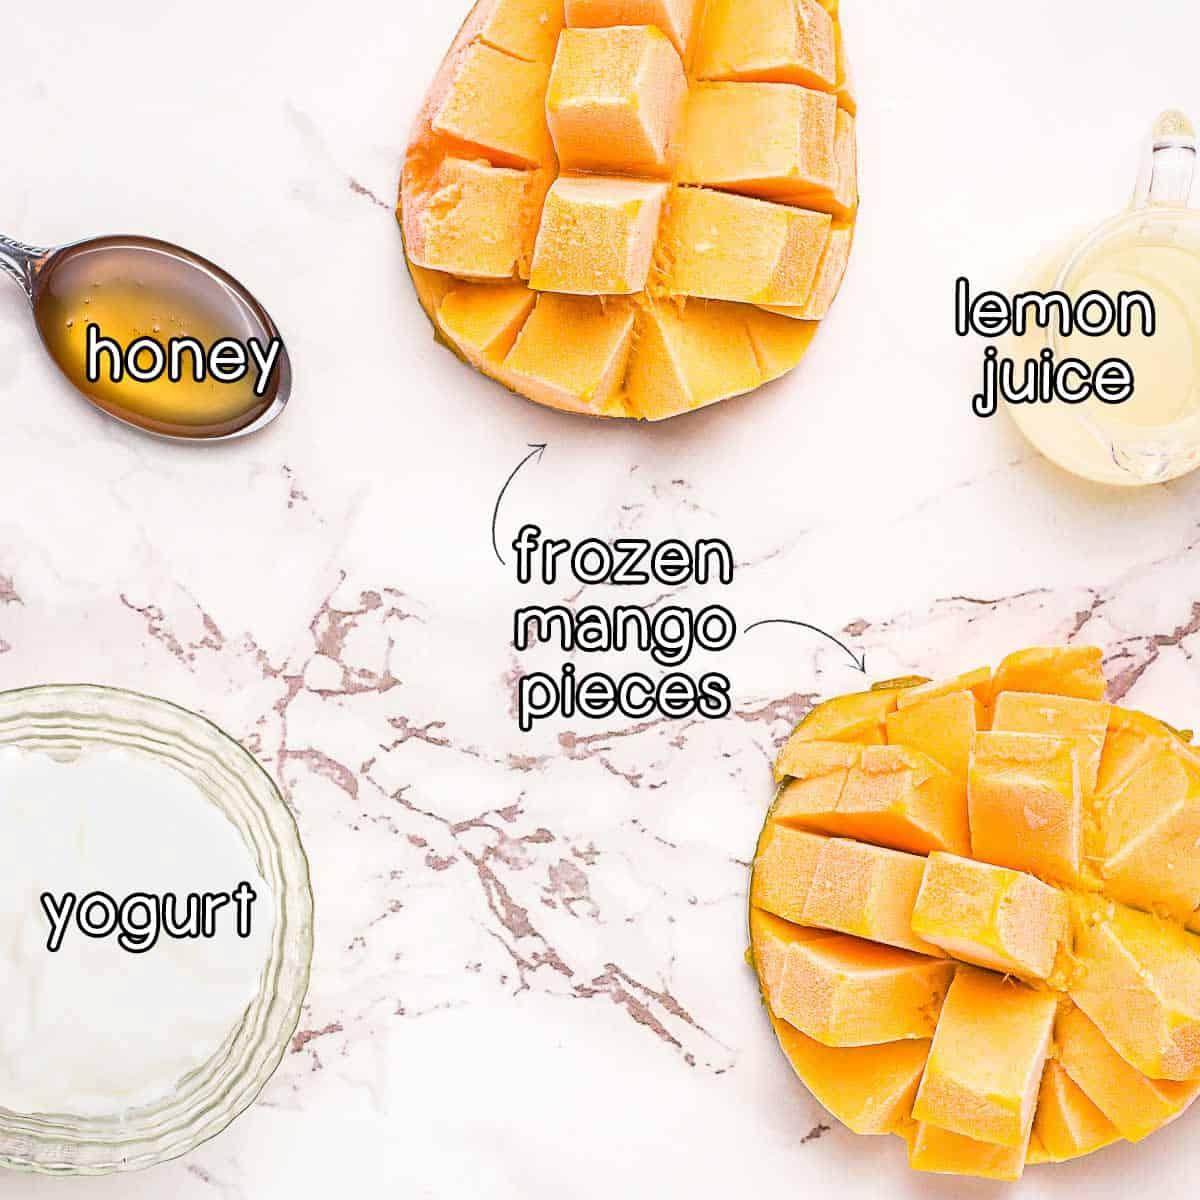 Overhead shot of ingredients- frozen mango pieces, honey, lemon juice, and yogurt.